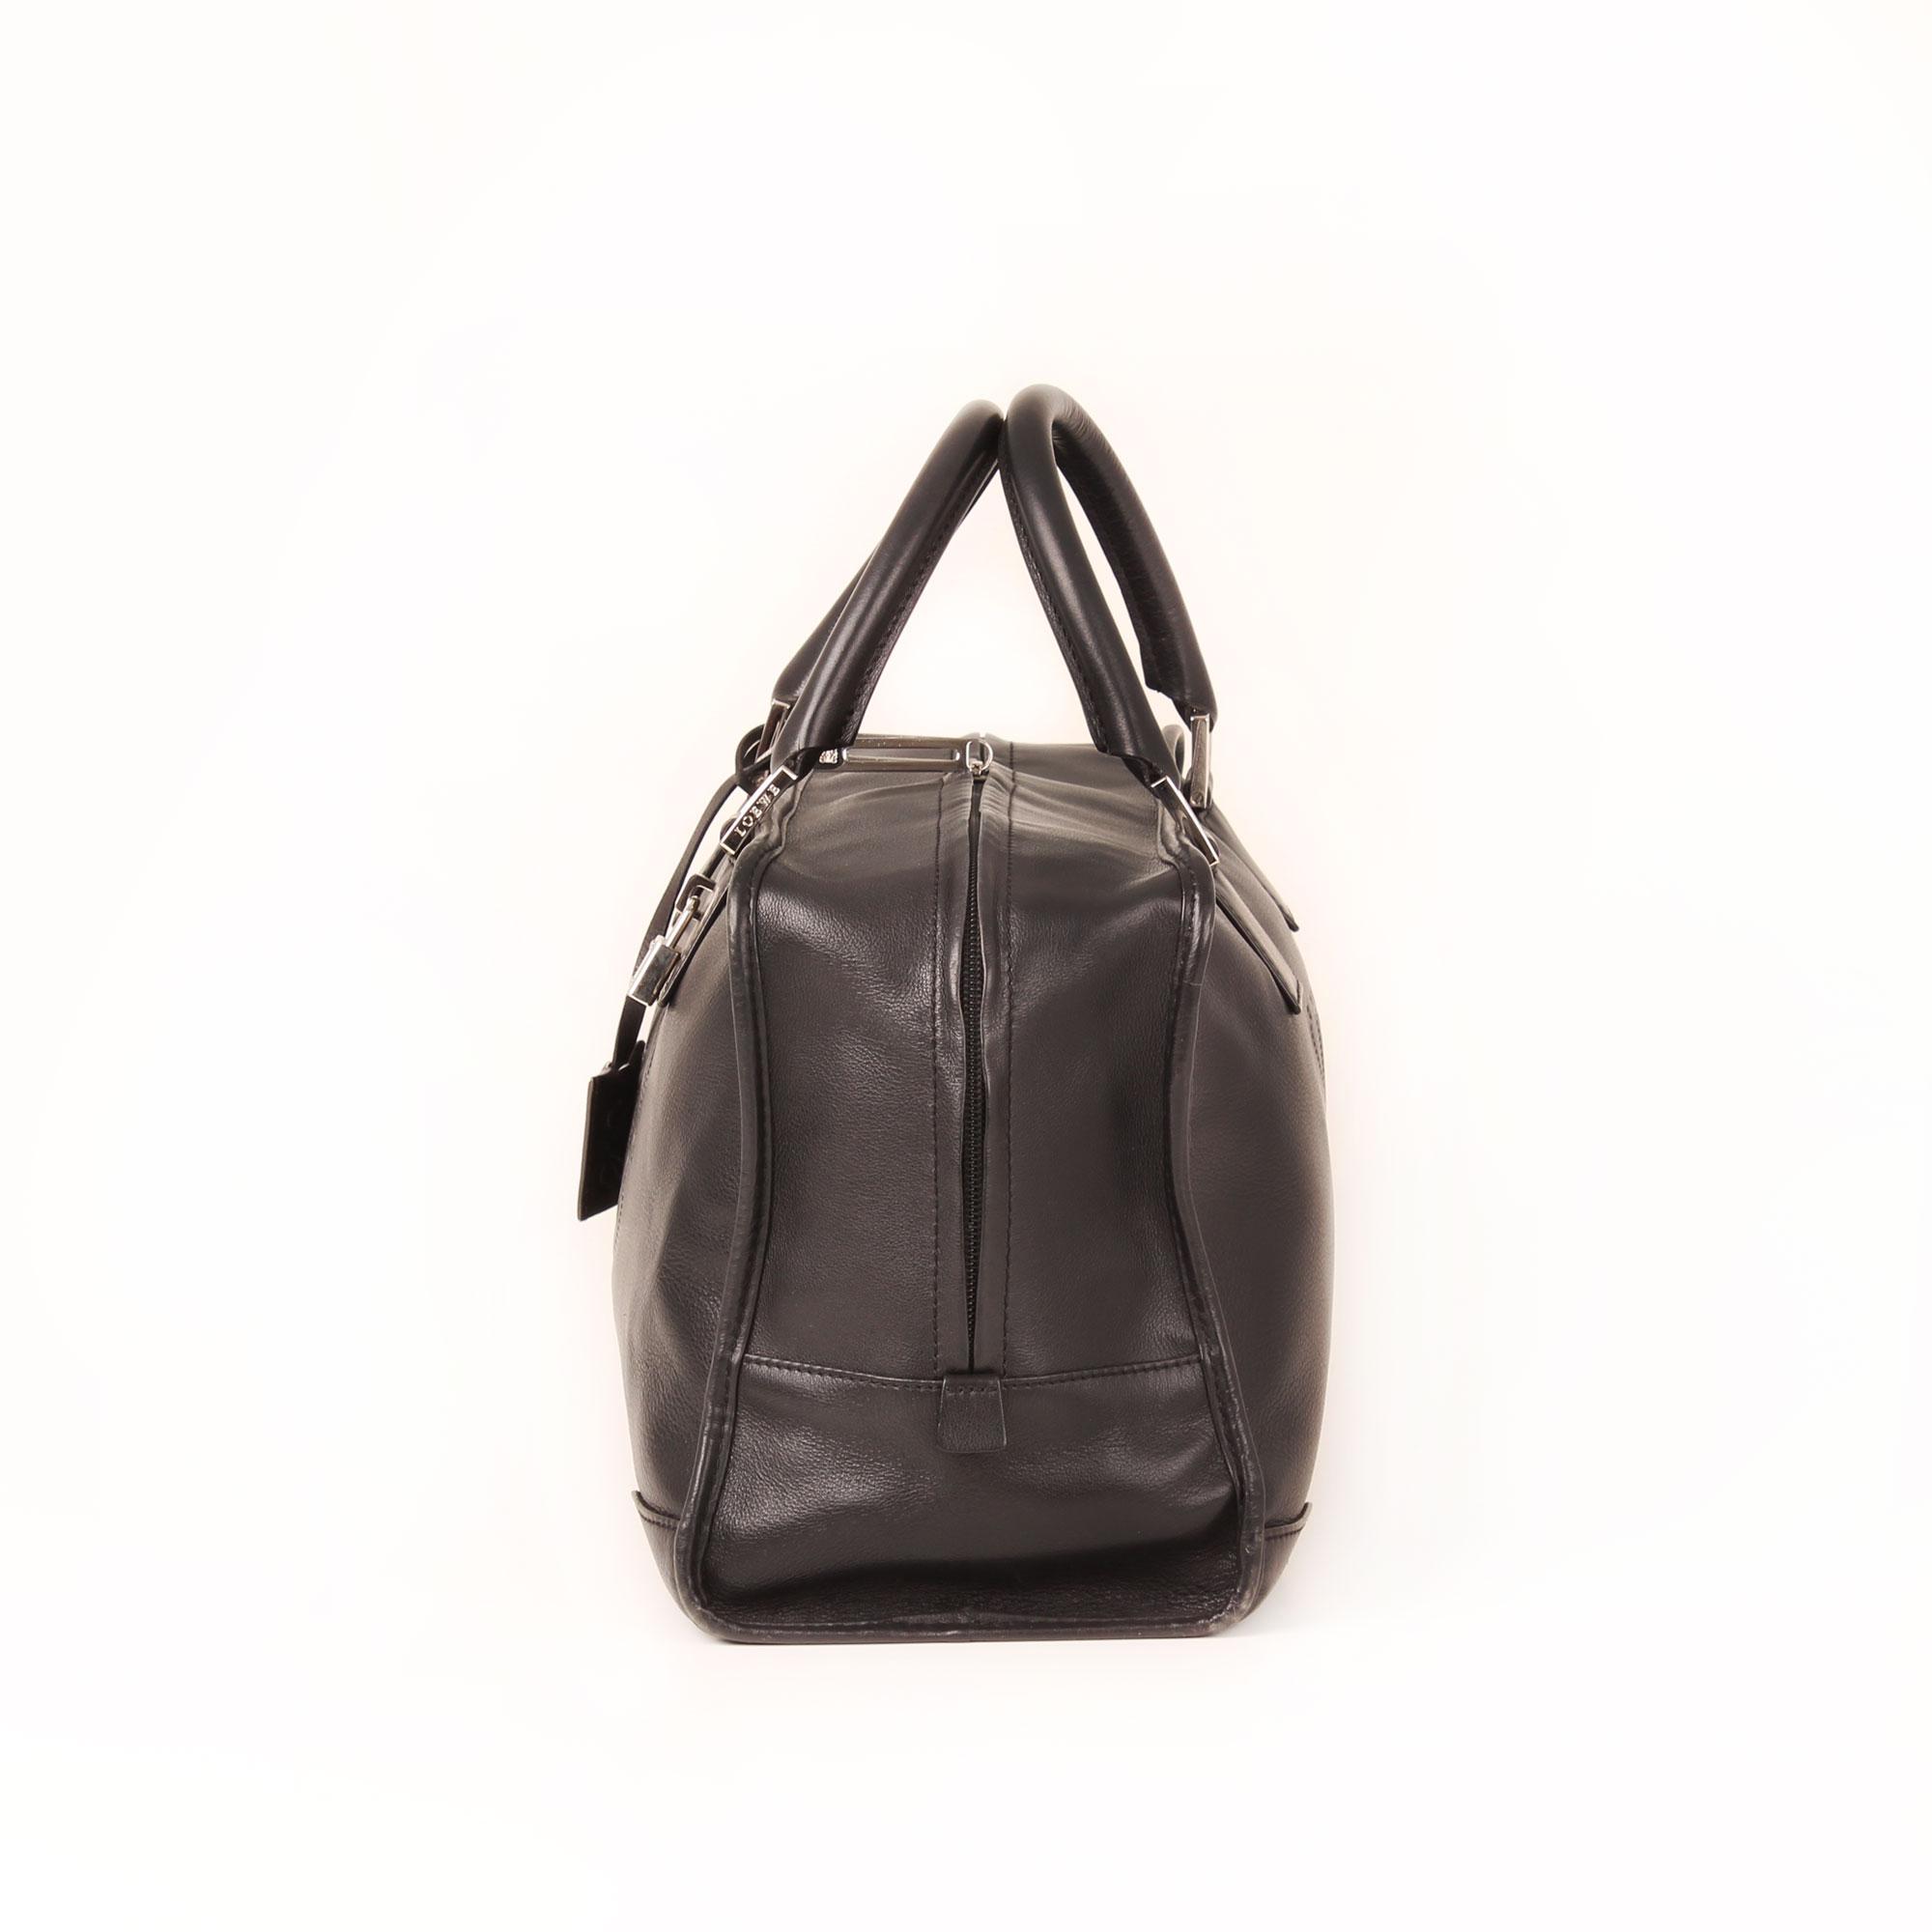 Amazona Loewe NegroCbl 35 Bags Bolso Nv8wm0n